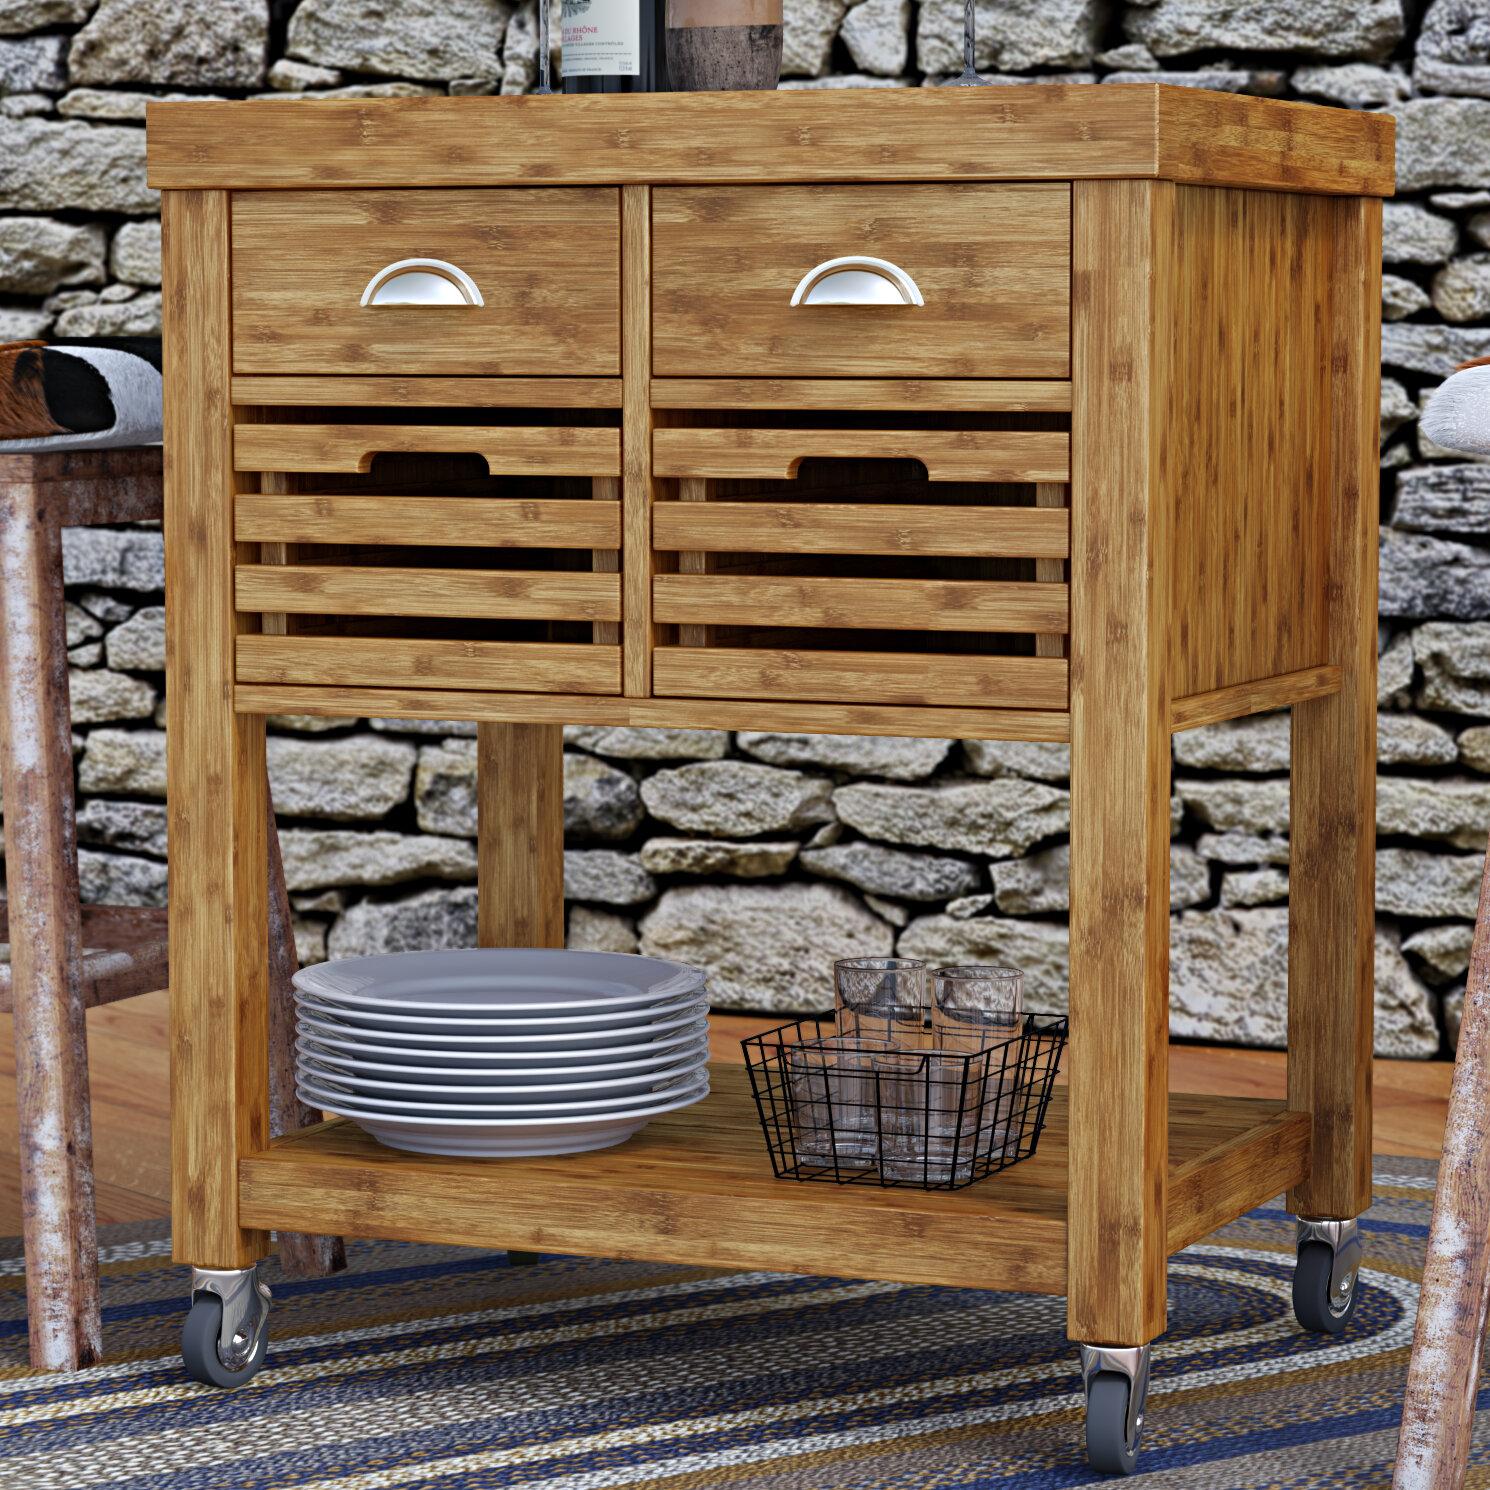 loon peak beartown kitchen cart with stainless steel top reviews rh wayfair com boraam aya bamboo kitchen cart - stainless steel top seville classics stainless steel kitchen cart with bamboo top